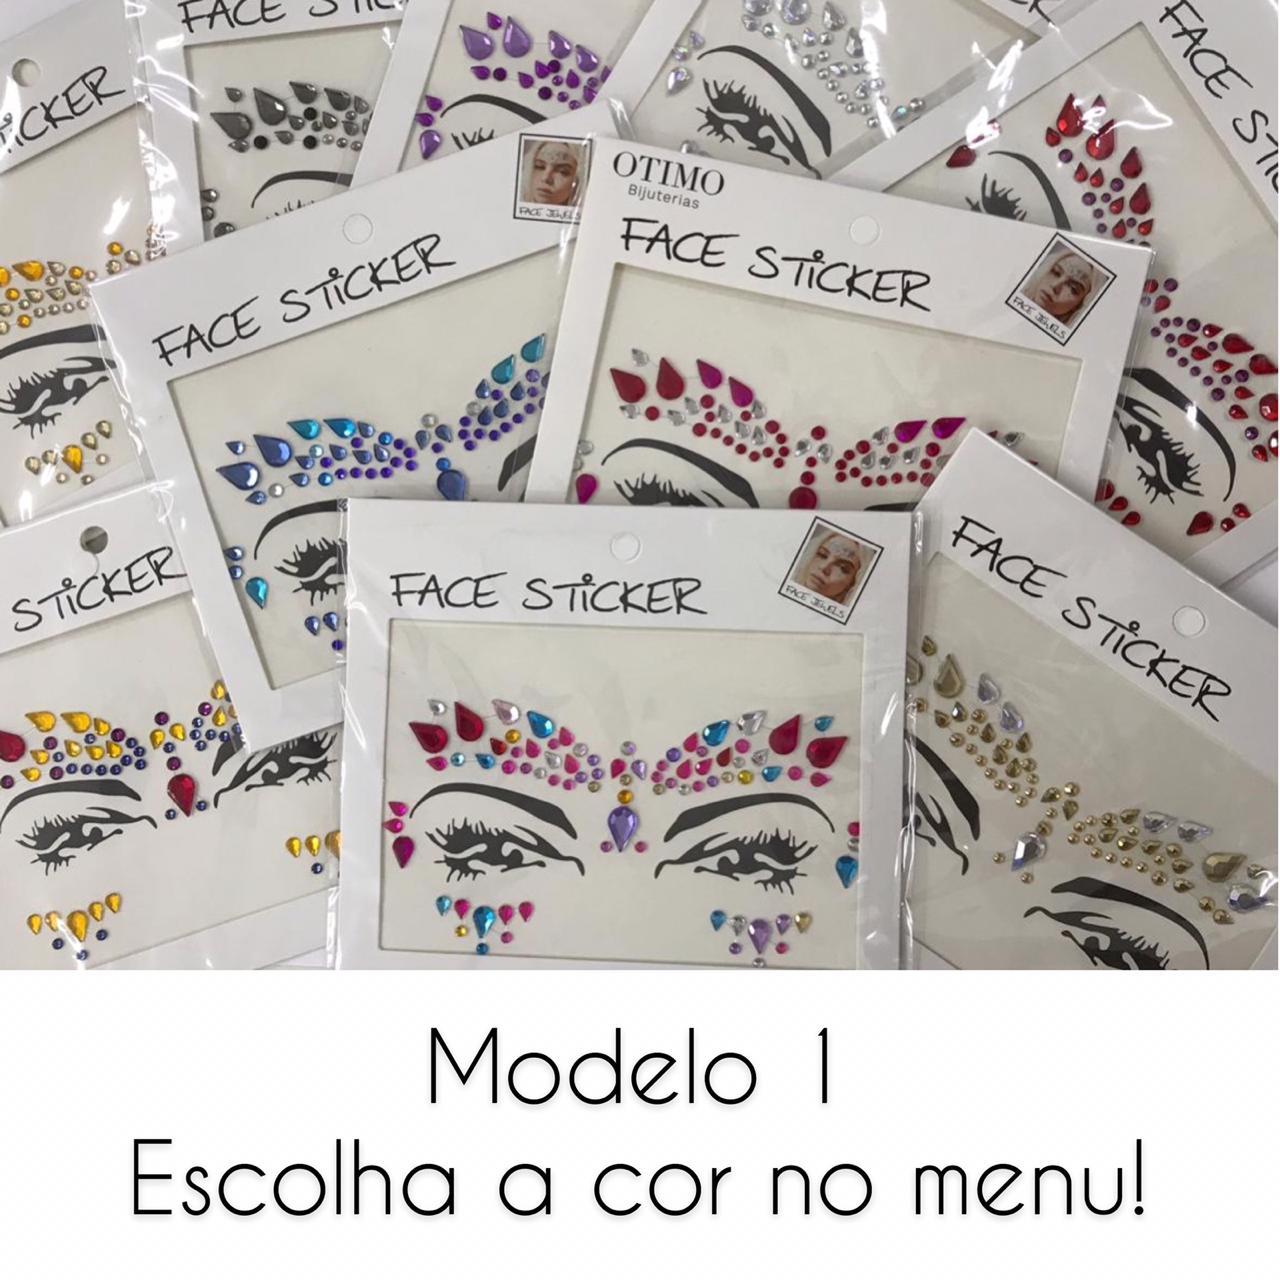 Pedrinhas Face Sticker Carnaval Modelo 1